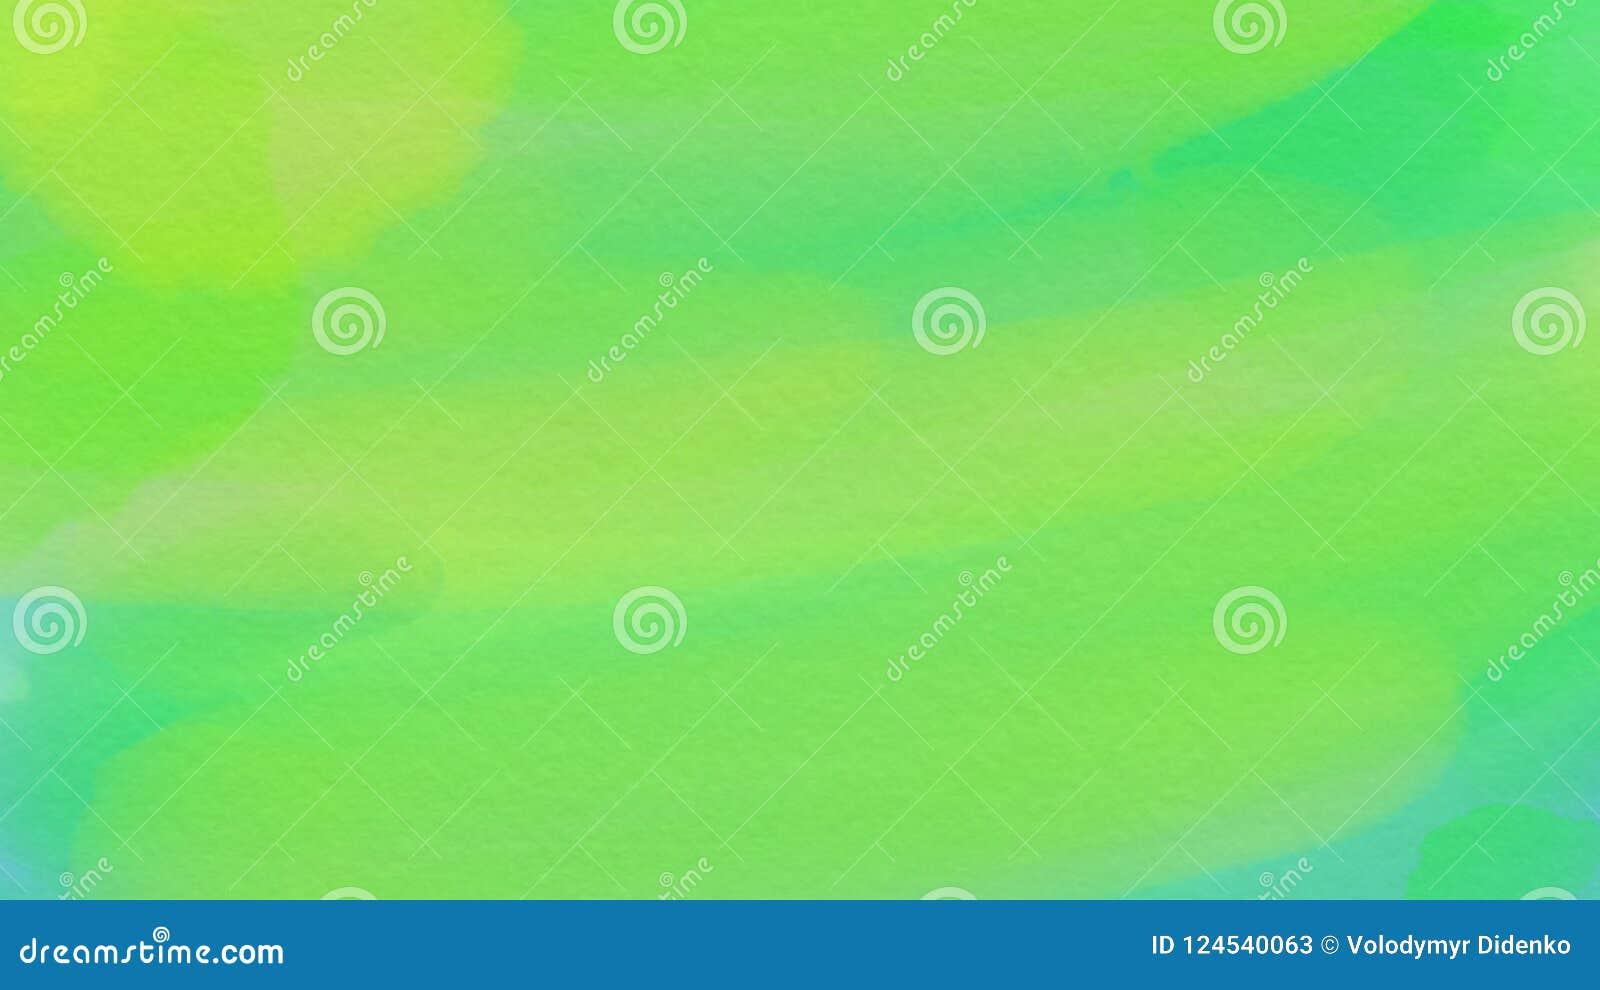 Enorm abstrakt vattenfärggräsplanbakgrund för webdesign, färgrik bakgrund som är suddig, tapet